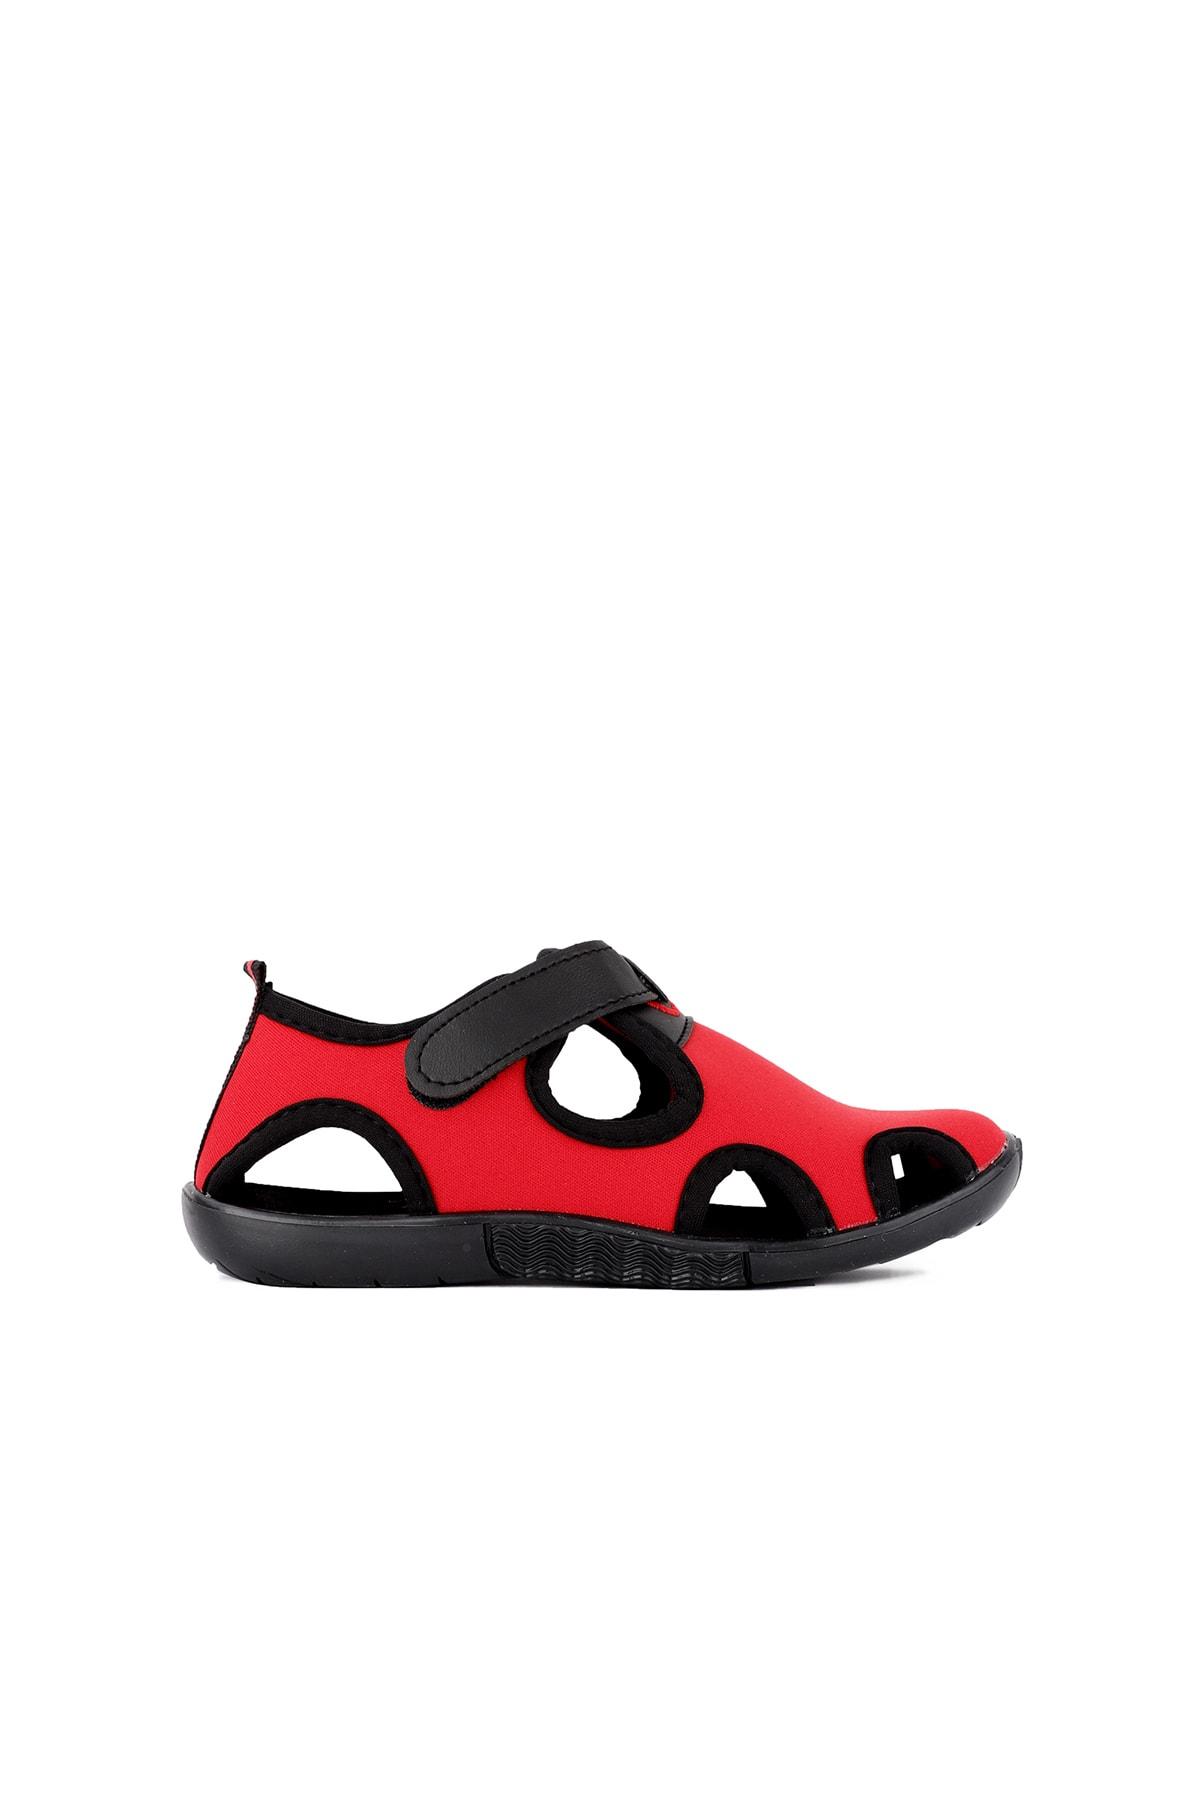 Unnı Çocuk Sandalet Kırmızı Sa10lf054